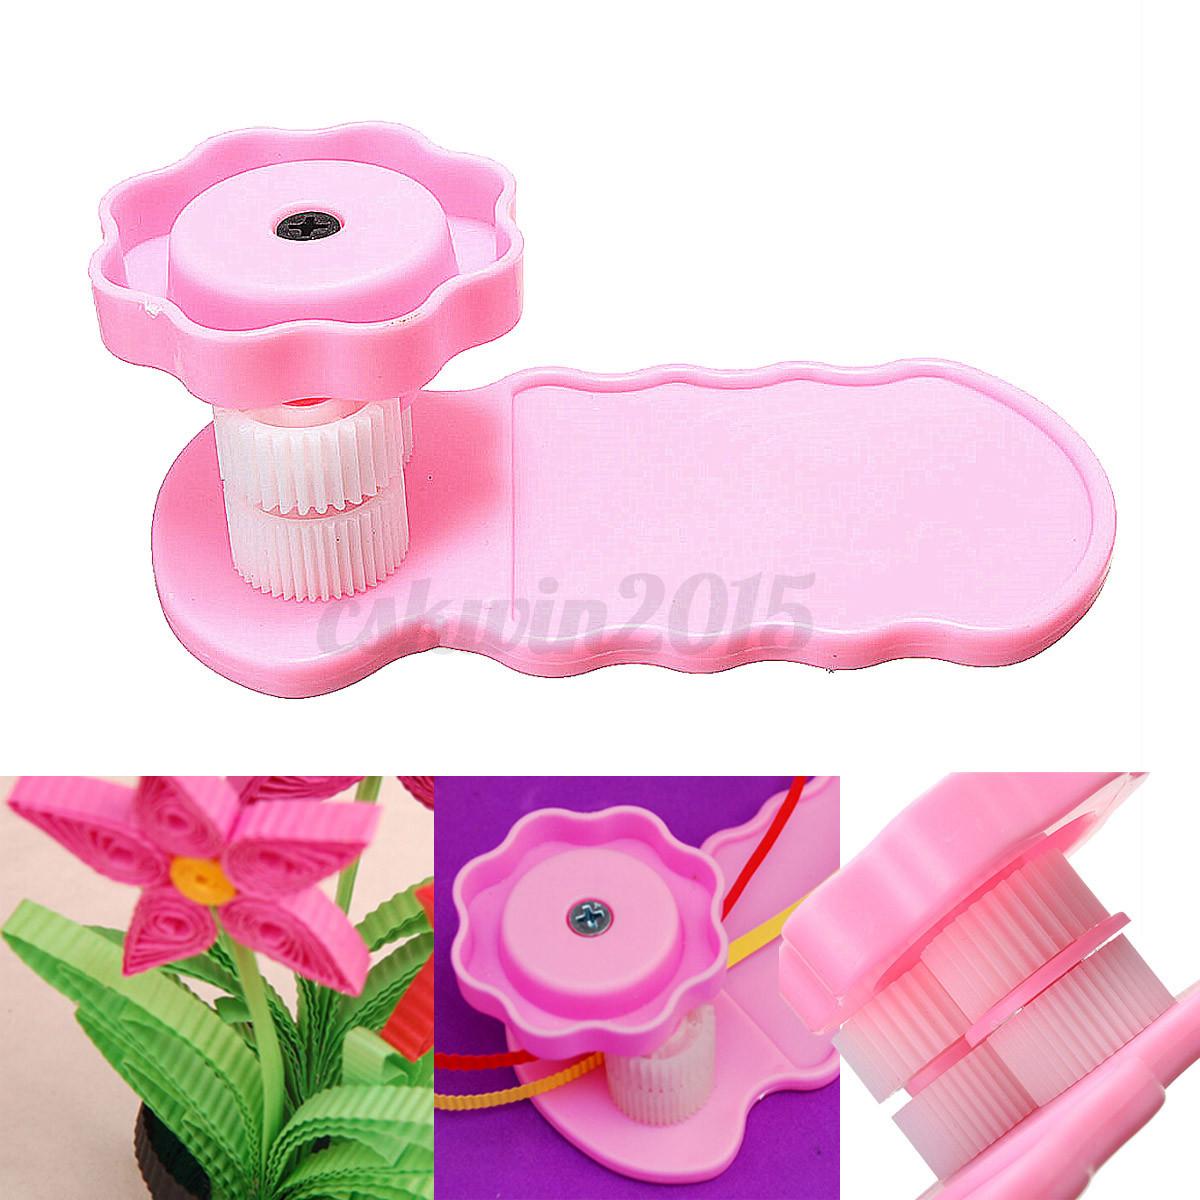 paper quilling crimper crimping tool plastic quilled creation craft art diy pink ebay. Black Bedroom Furniture Sets. Home Design Ideas